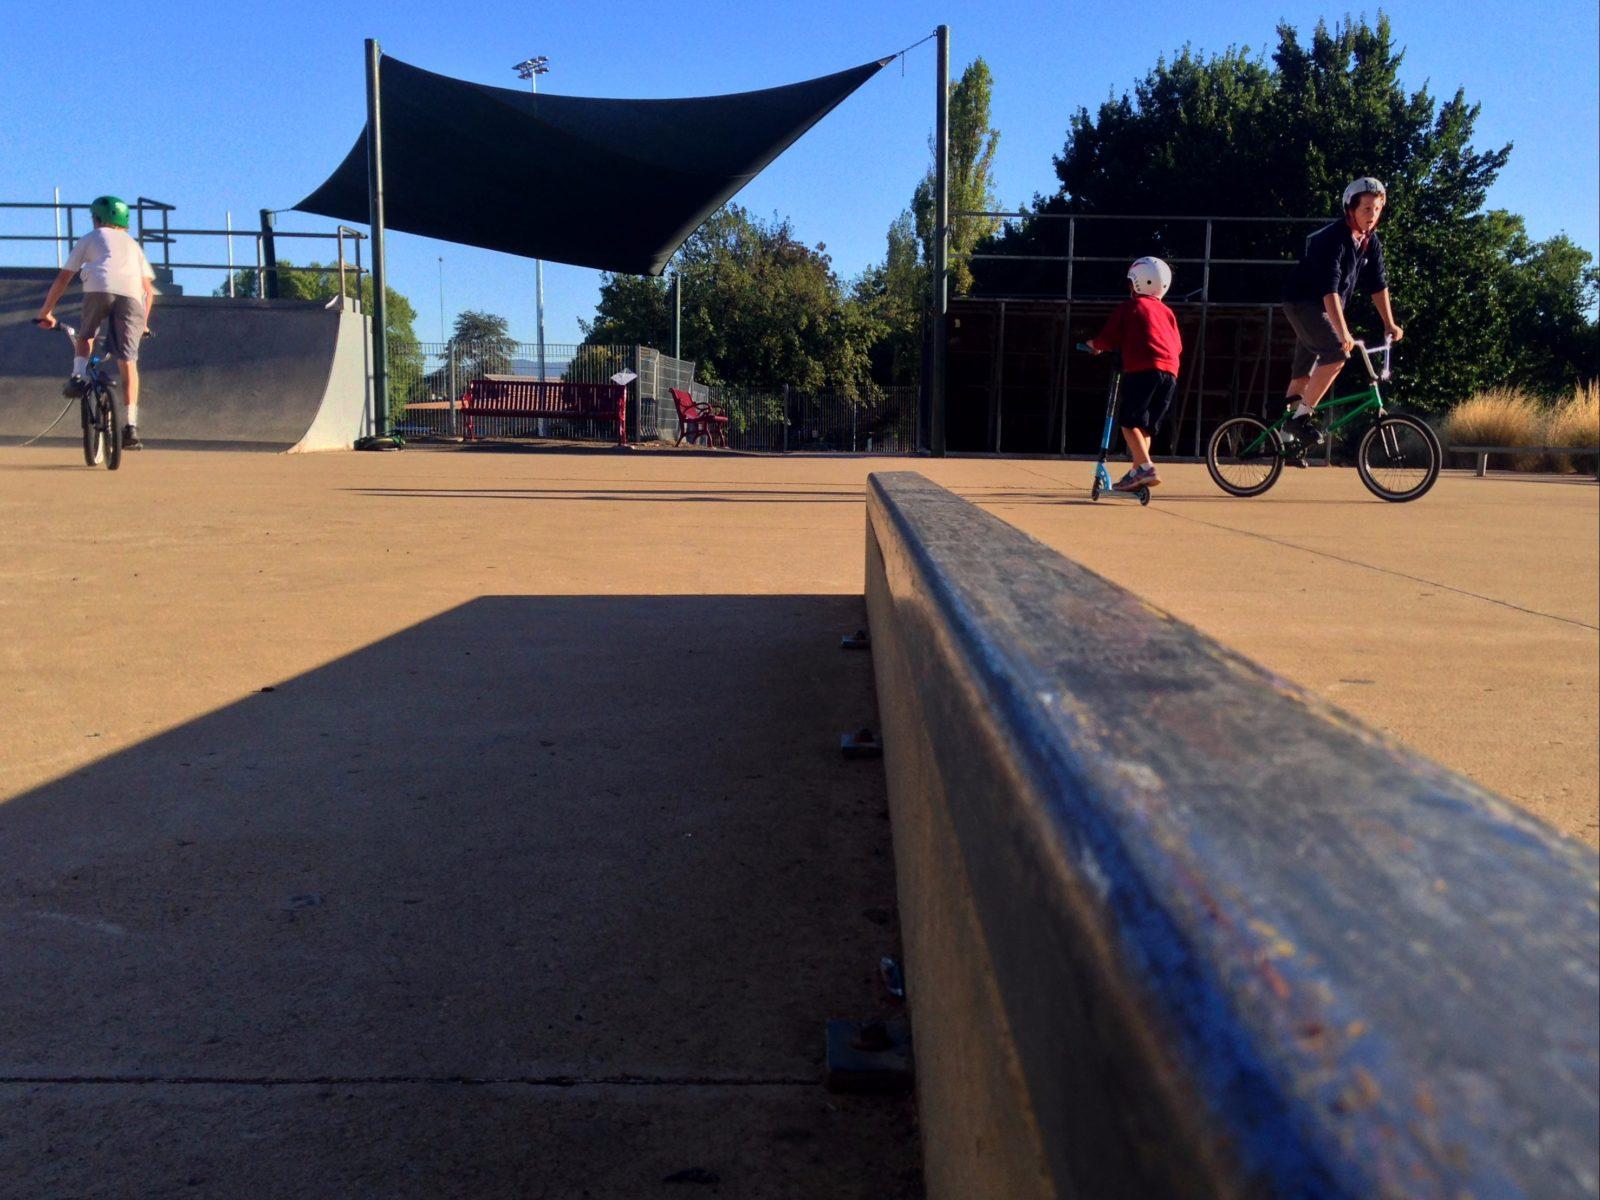 Skate Park kids